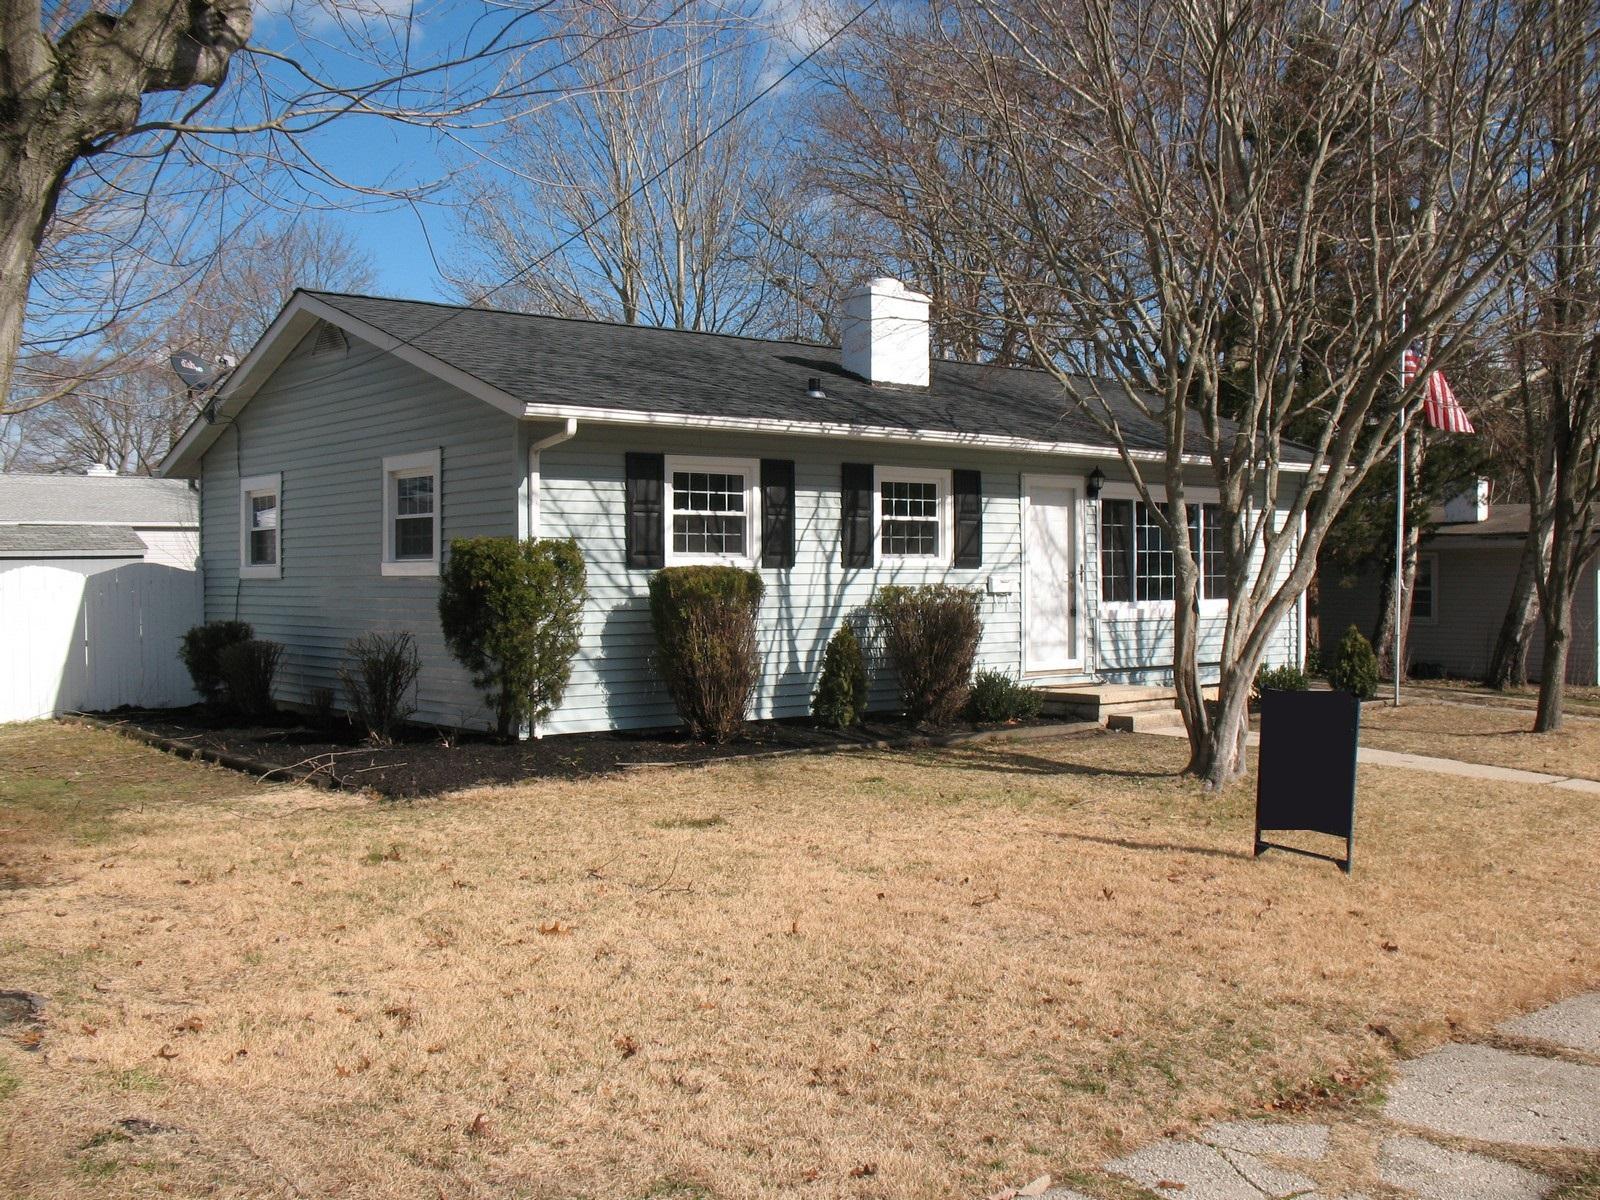 Частный односемейный дом для того Аренда на 204 W Barr Avenue Linwood, 08221 Соединенные Штаты